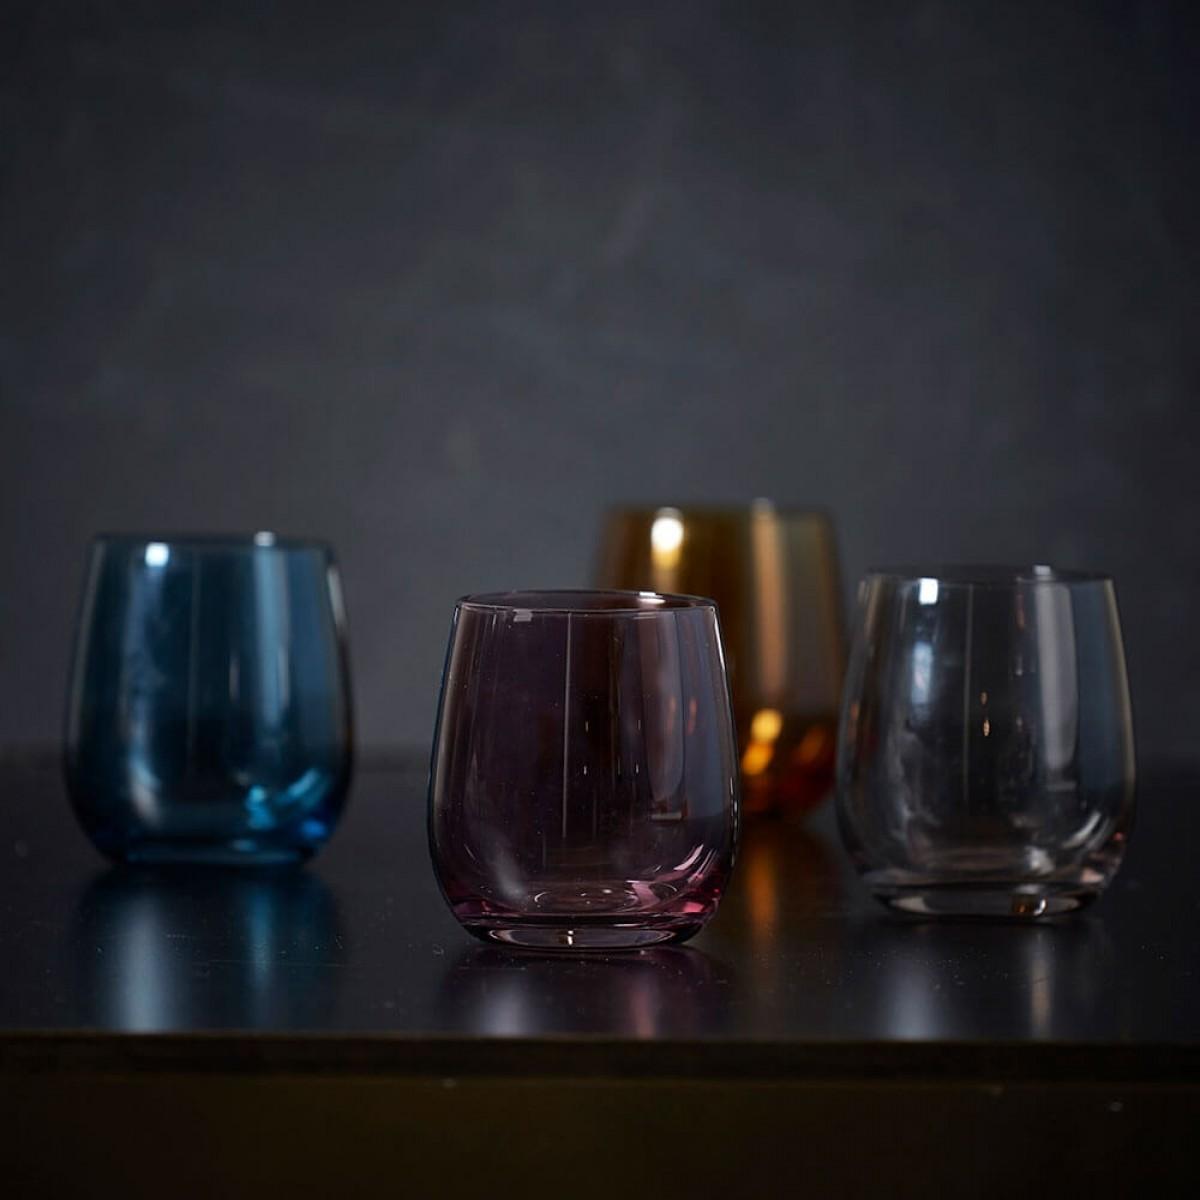 DACORE Indfarvet vandglas 4 stk